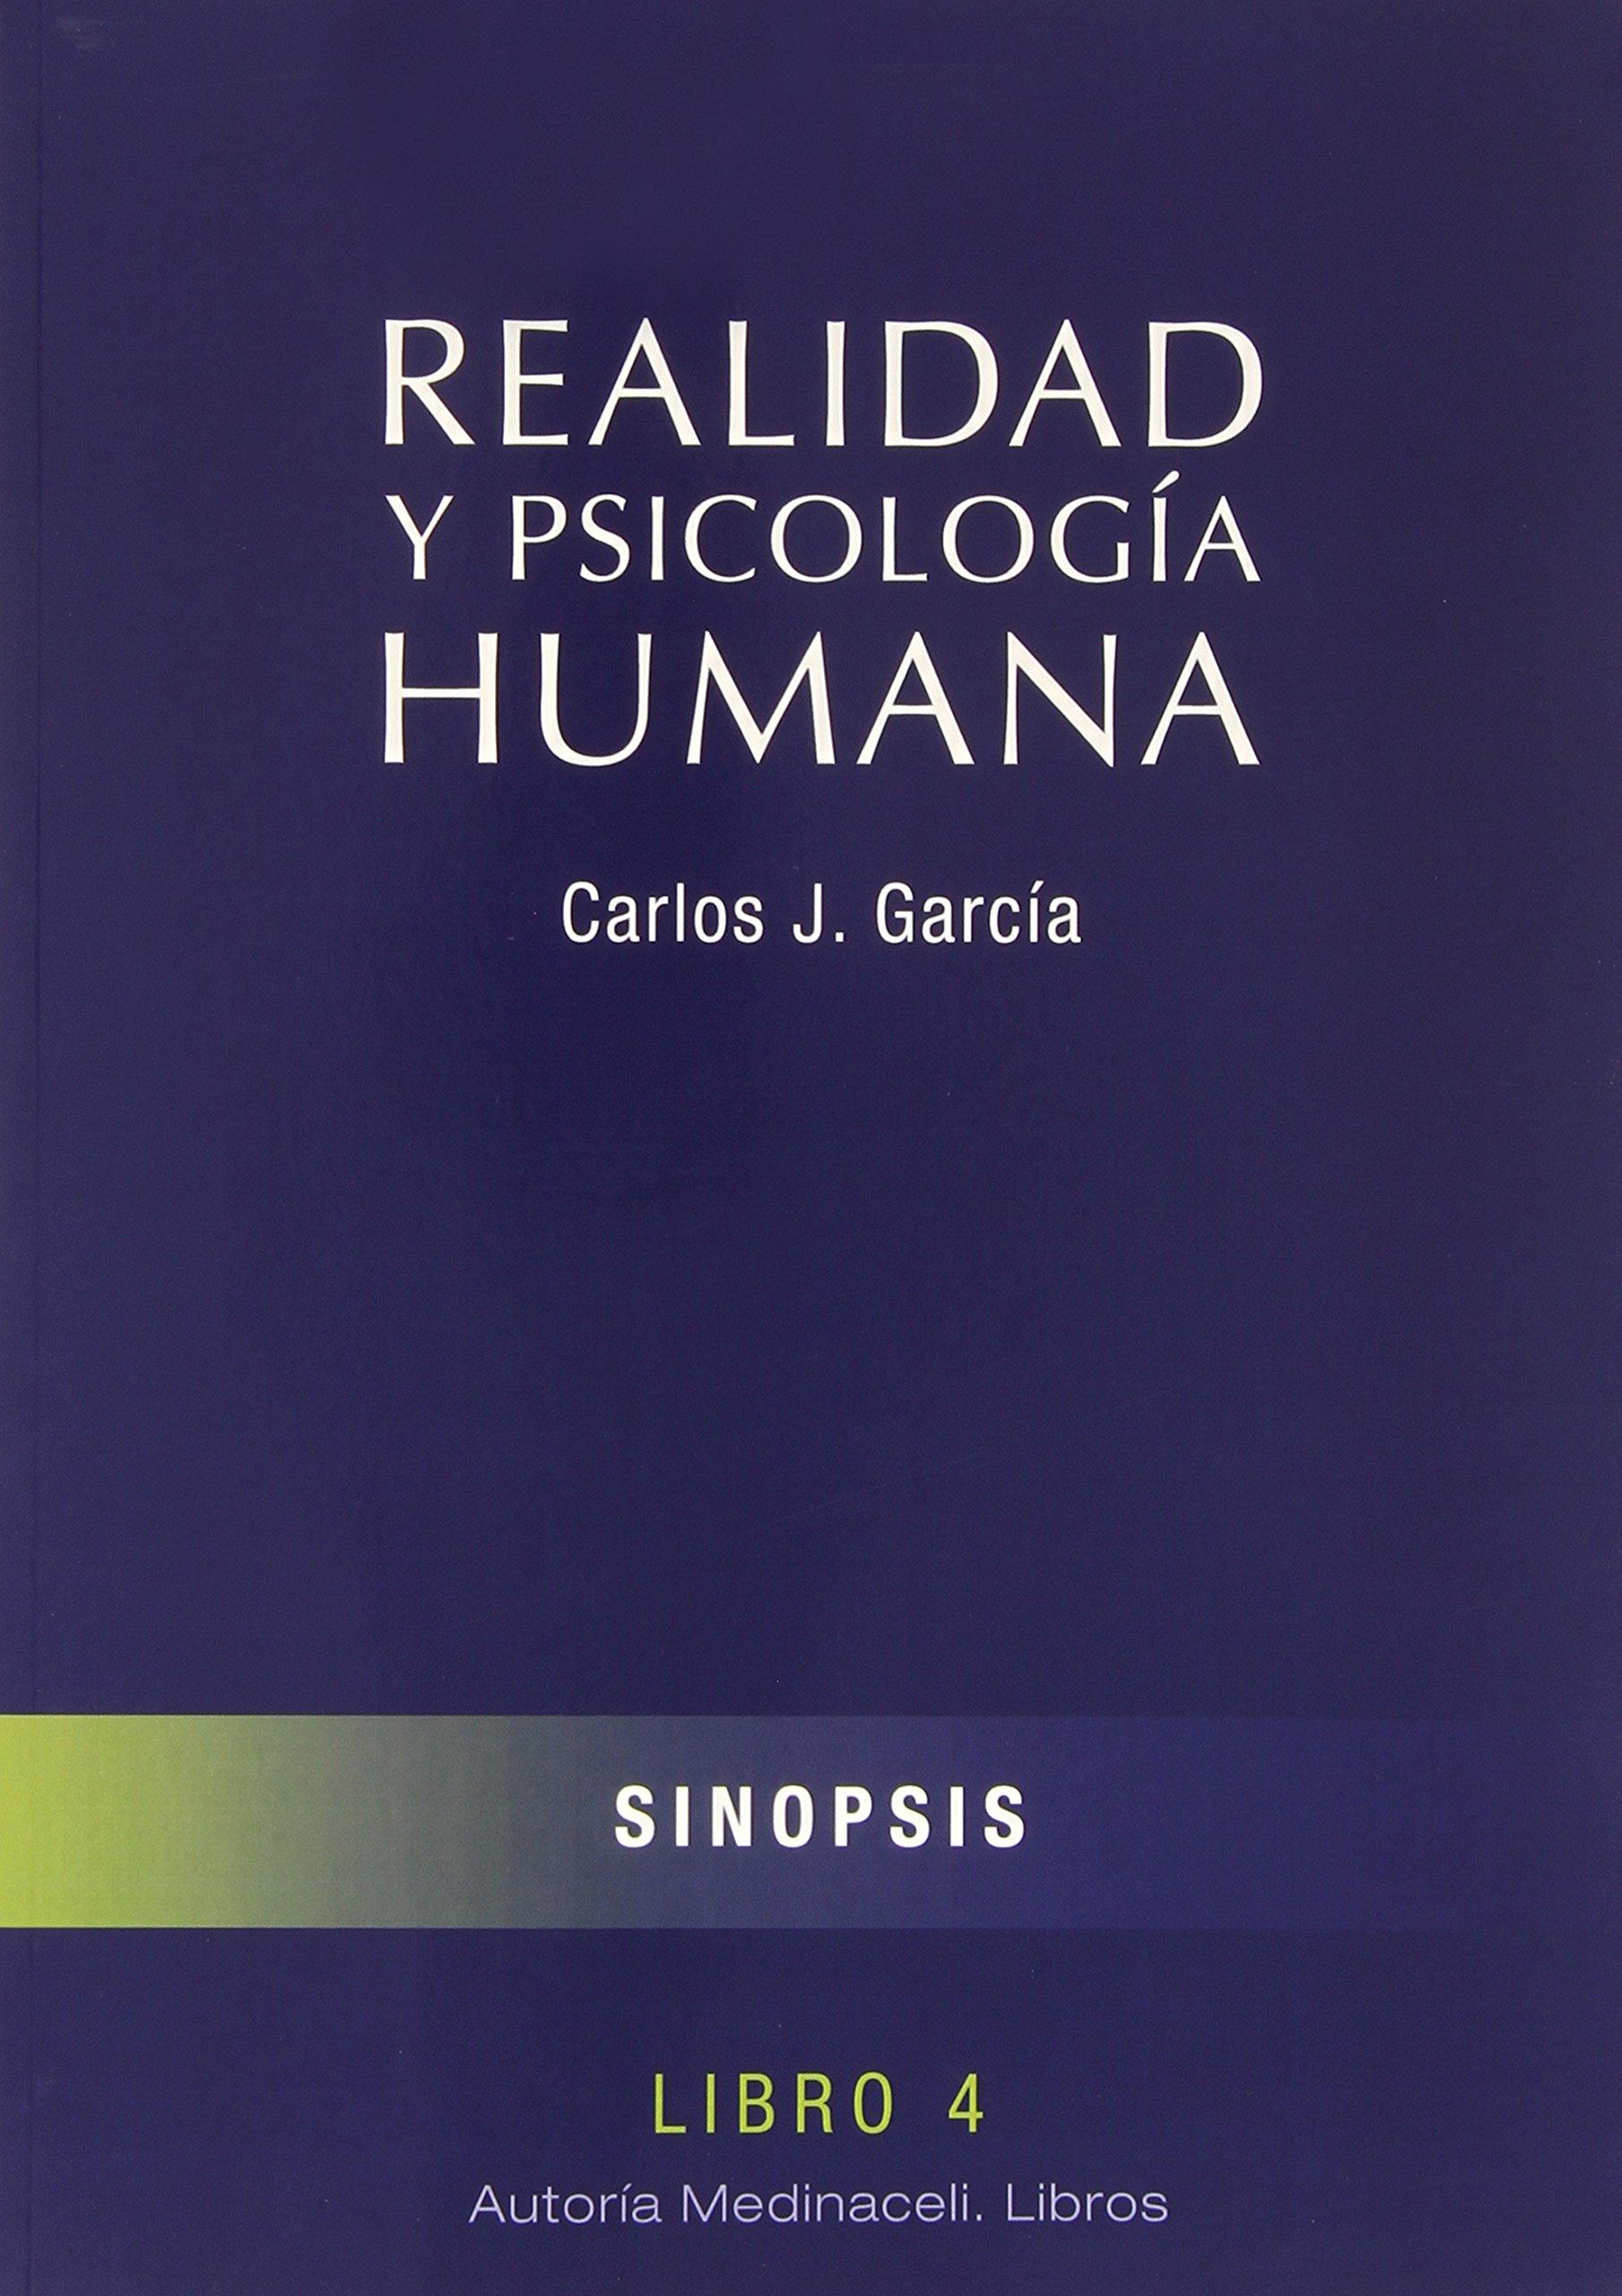 Realidad y psicologia humana (4 Vols): Amazon.es: Carlos J. García: Libros